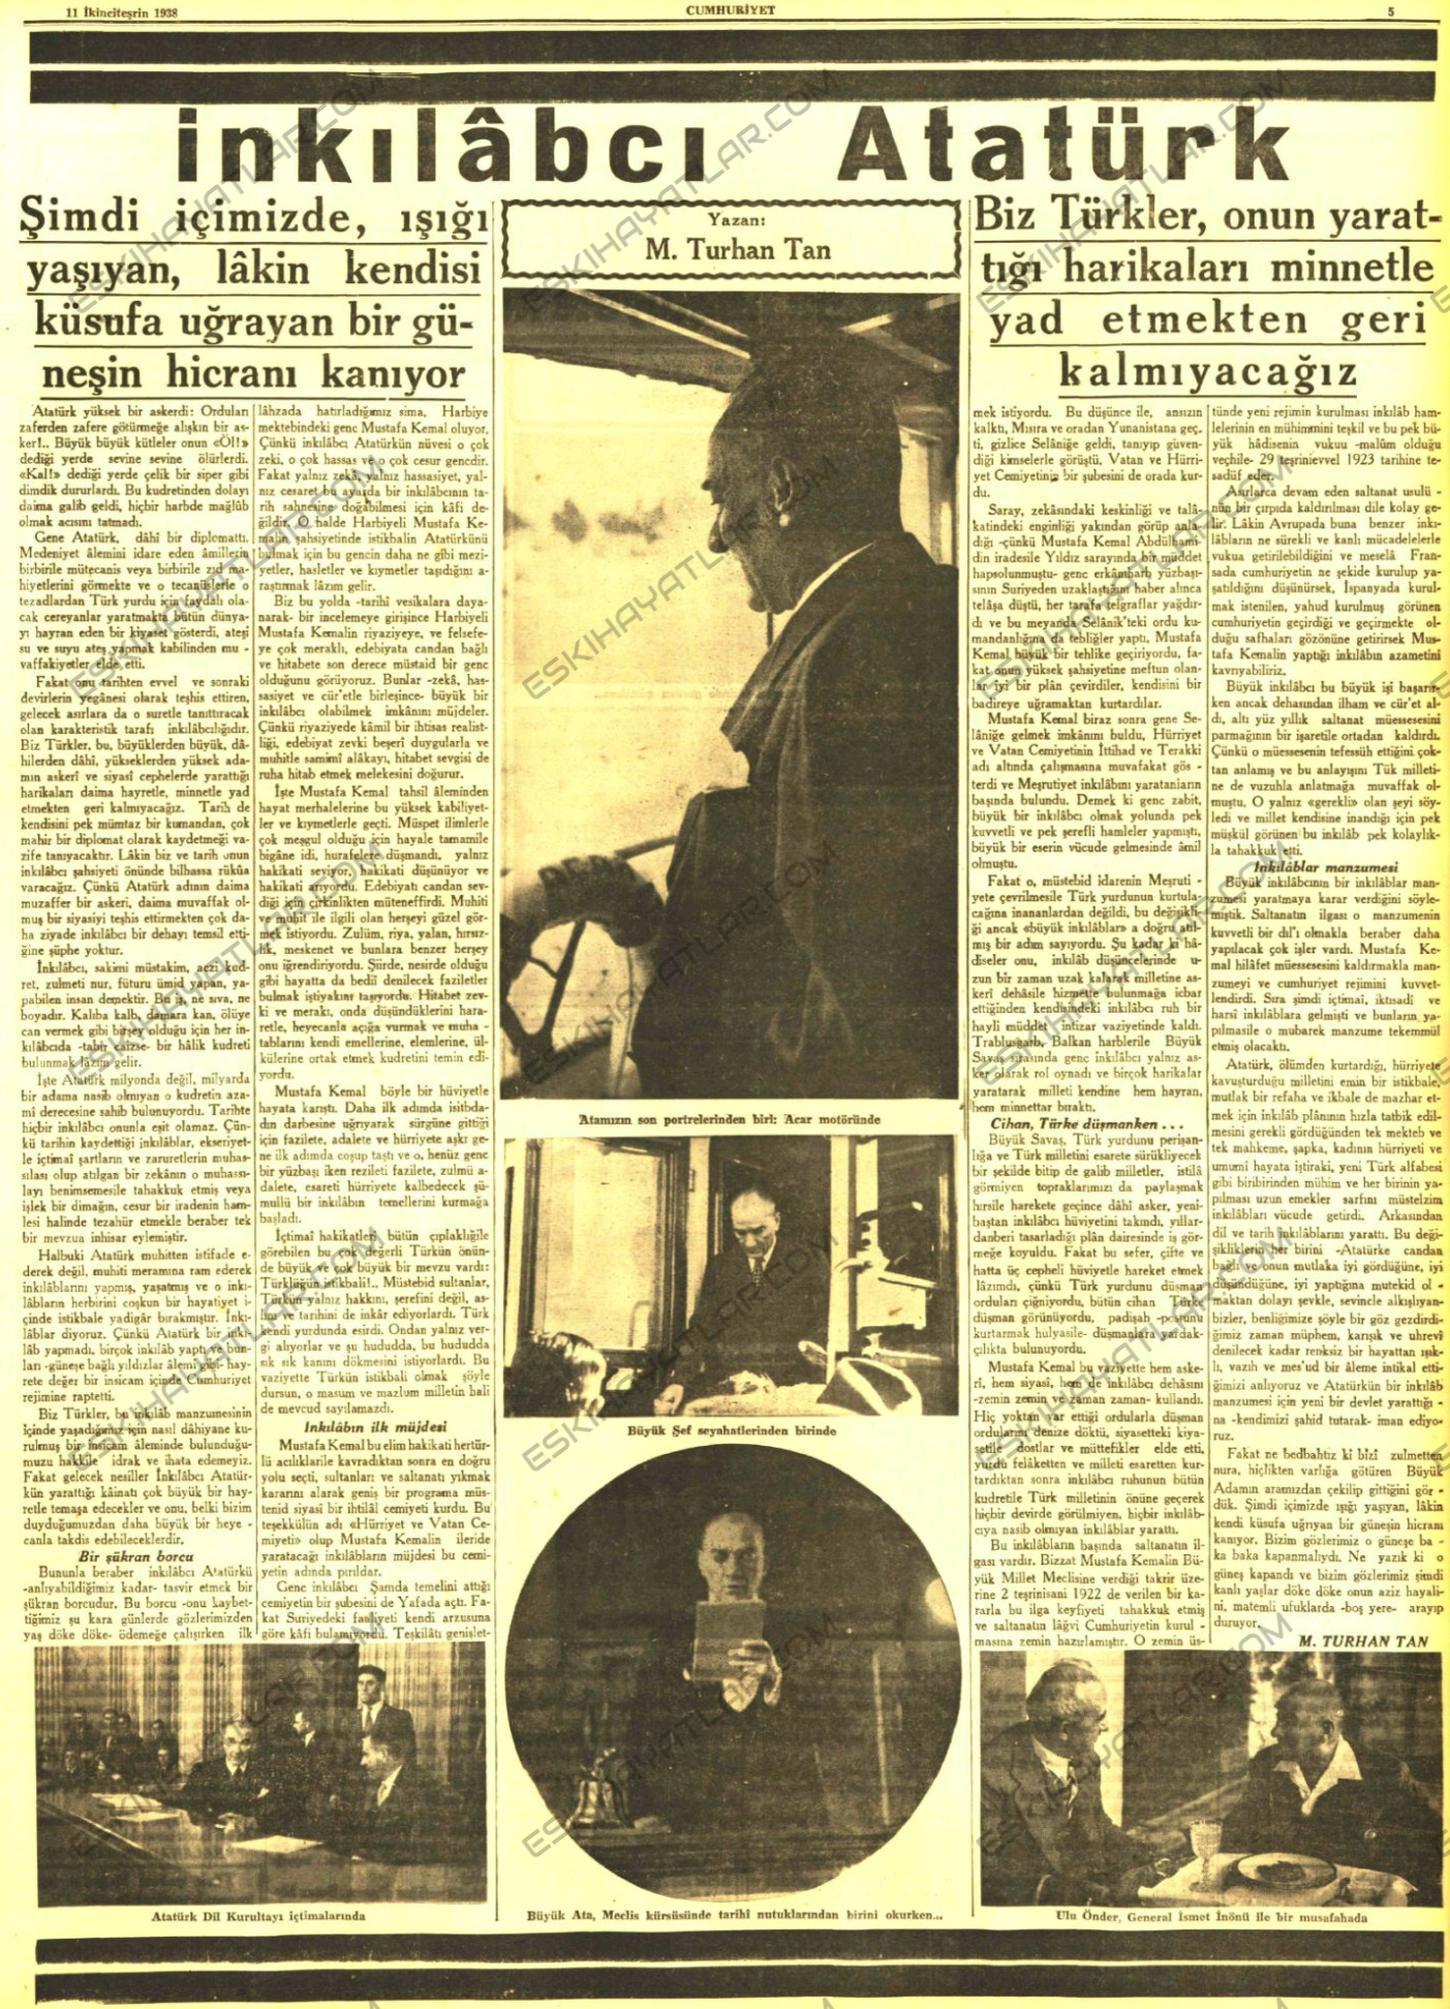 mustafa-kemal-ataturk-un-oldugu-gun-cikan-gazeteler-1938-yilinin-gazeteleri (5)